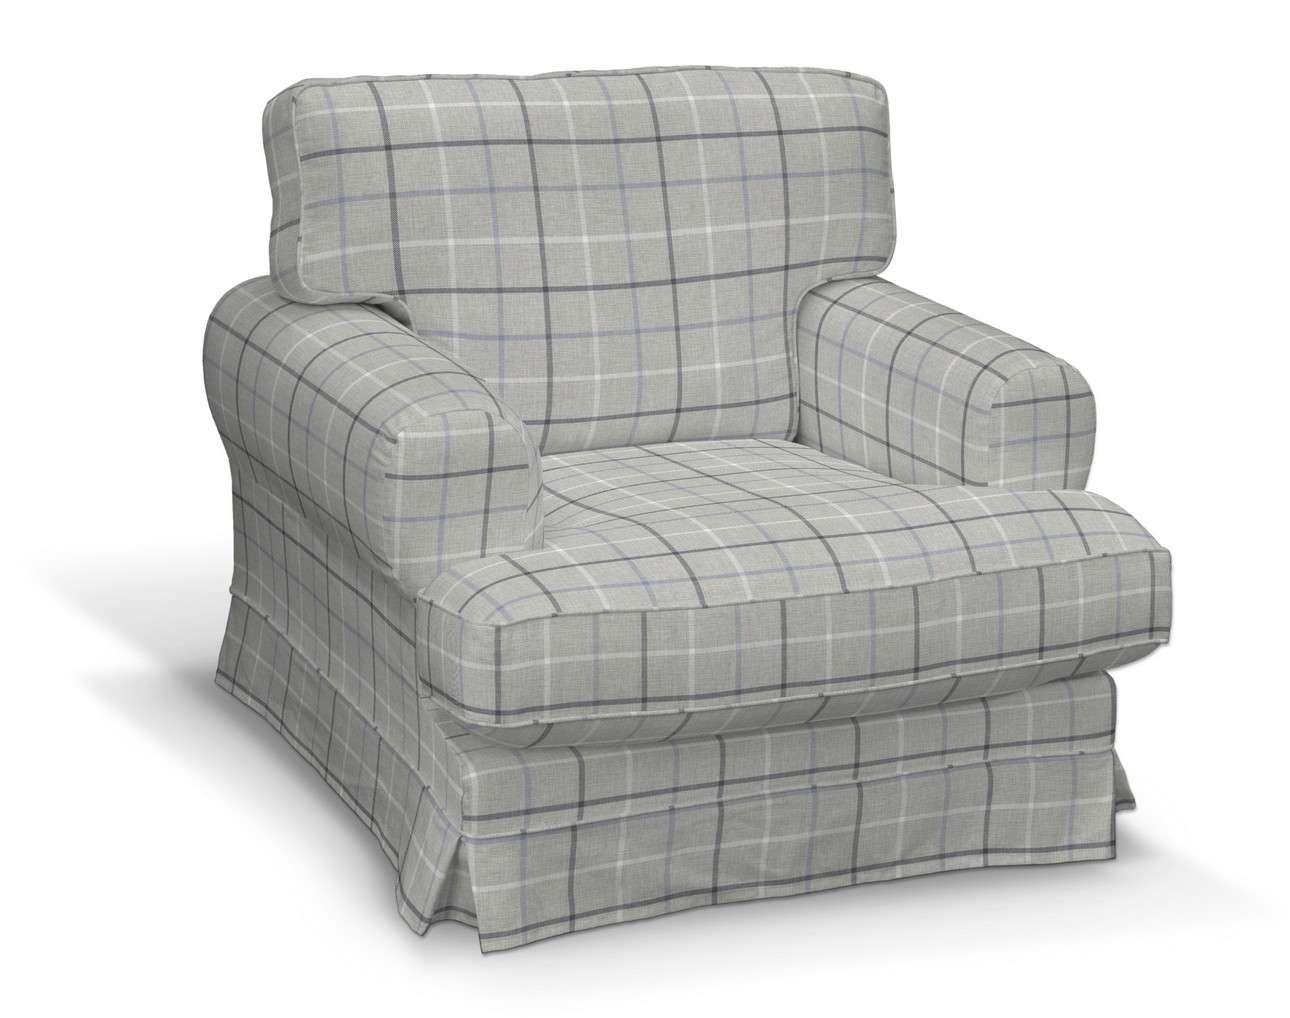 Ekeskog betræk lænestol fra kollektionen Edinburgh, Stof: 703-18